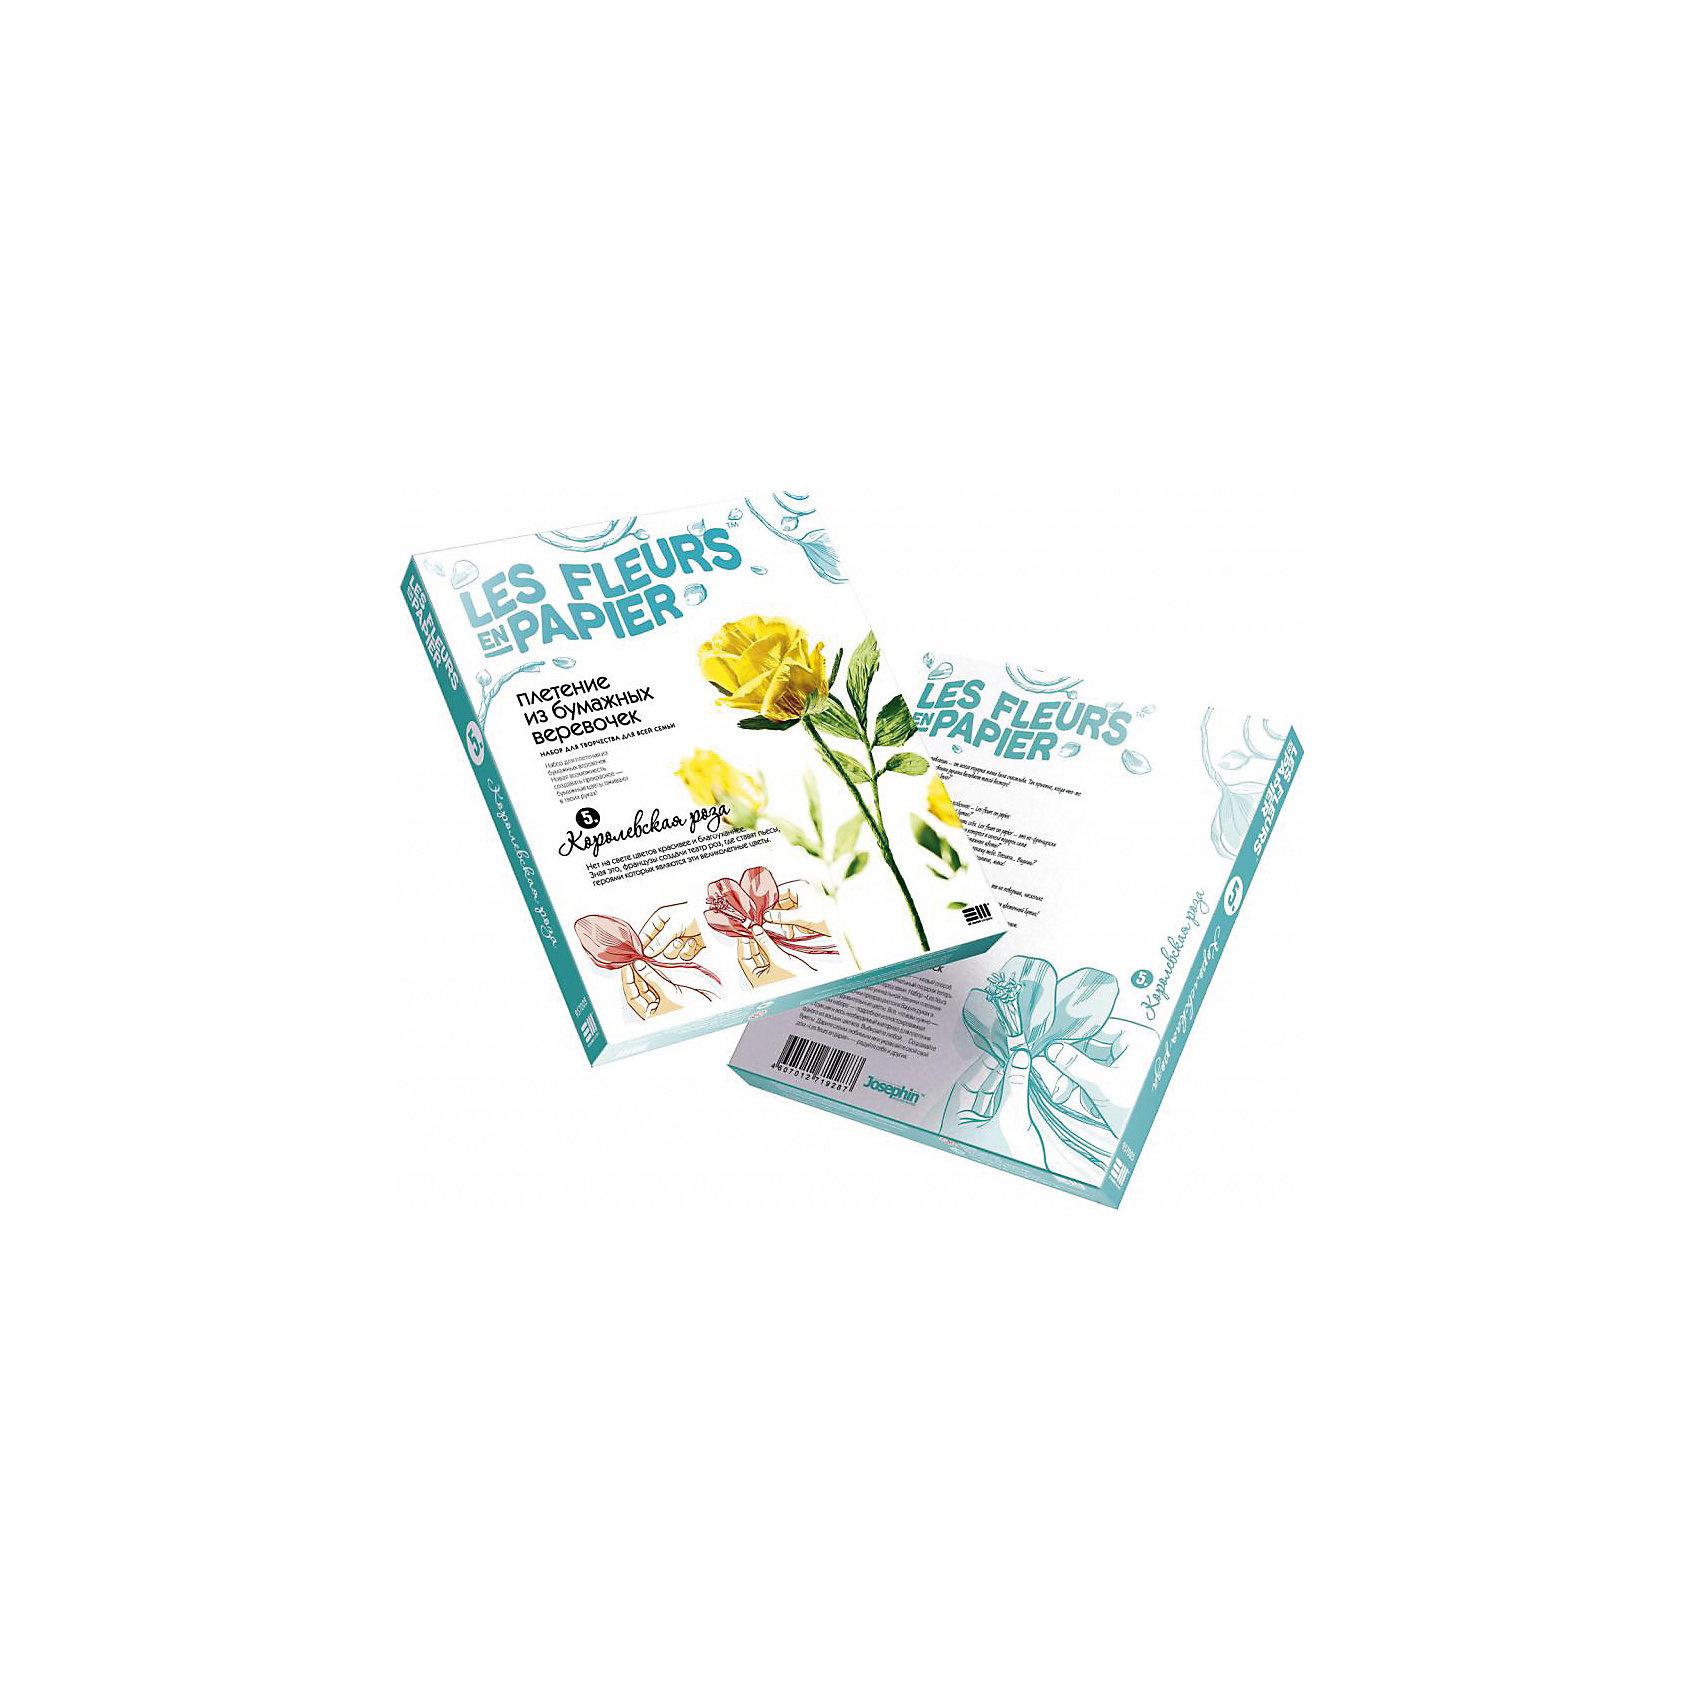 Цветы из бумаги Королевская роза, ФантазерНабор позволит научиться делать великолепные яркие, словно живые, цветы из бумаги своими руками. Уникальная техника плетения из бумажных веревочек позволит создать оригинальную композицию, которая станет украшением любого интерьера и прекрасным подарком. Благодаря особенностям бумаги, цветы легко моделируются и держат форму, поэтому, выглядят как настоящие. Набор позволит вашему ребенку развить художественные способности, мелкую моторику и усидчивость. Прекрасный способ самовыражения через творчество.<br><br><br>Дополнительная информация:<br><br>- Материал: бумага, картон, клей ПВА.<br>- Комплектация: однотонная бумажная пряжа, инструкция, клей ПВА.<br>- Размер упаковки:22х18,5х2,5 см.<br><br>Цветы из бумаги Королевская роза, Фантазер, можно купить в нашем магазине.<br><br>Ширина мм: 220<br>Глубина мм: 185<br>Высота мм: 25<br>Вес г: 80<br>Возраст от месяцев: 84<br>Возраст до месяцев: 144<br>Пол: Женский<br>Возраст: Детский<br>SKU: 4038038